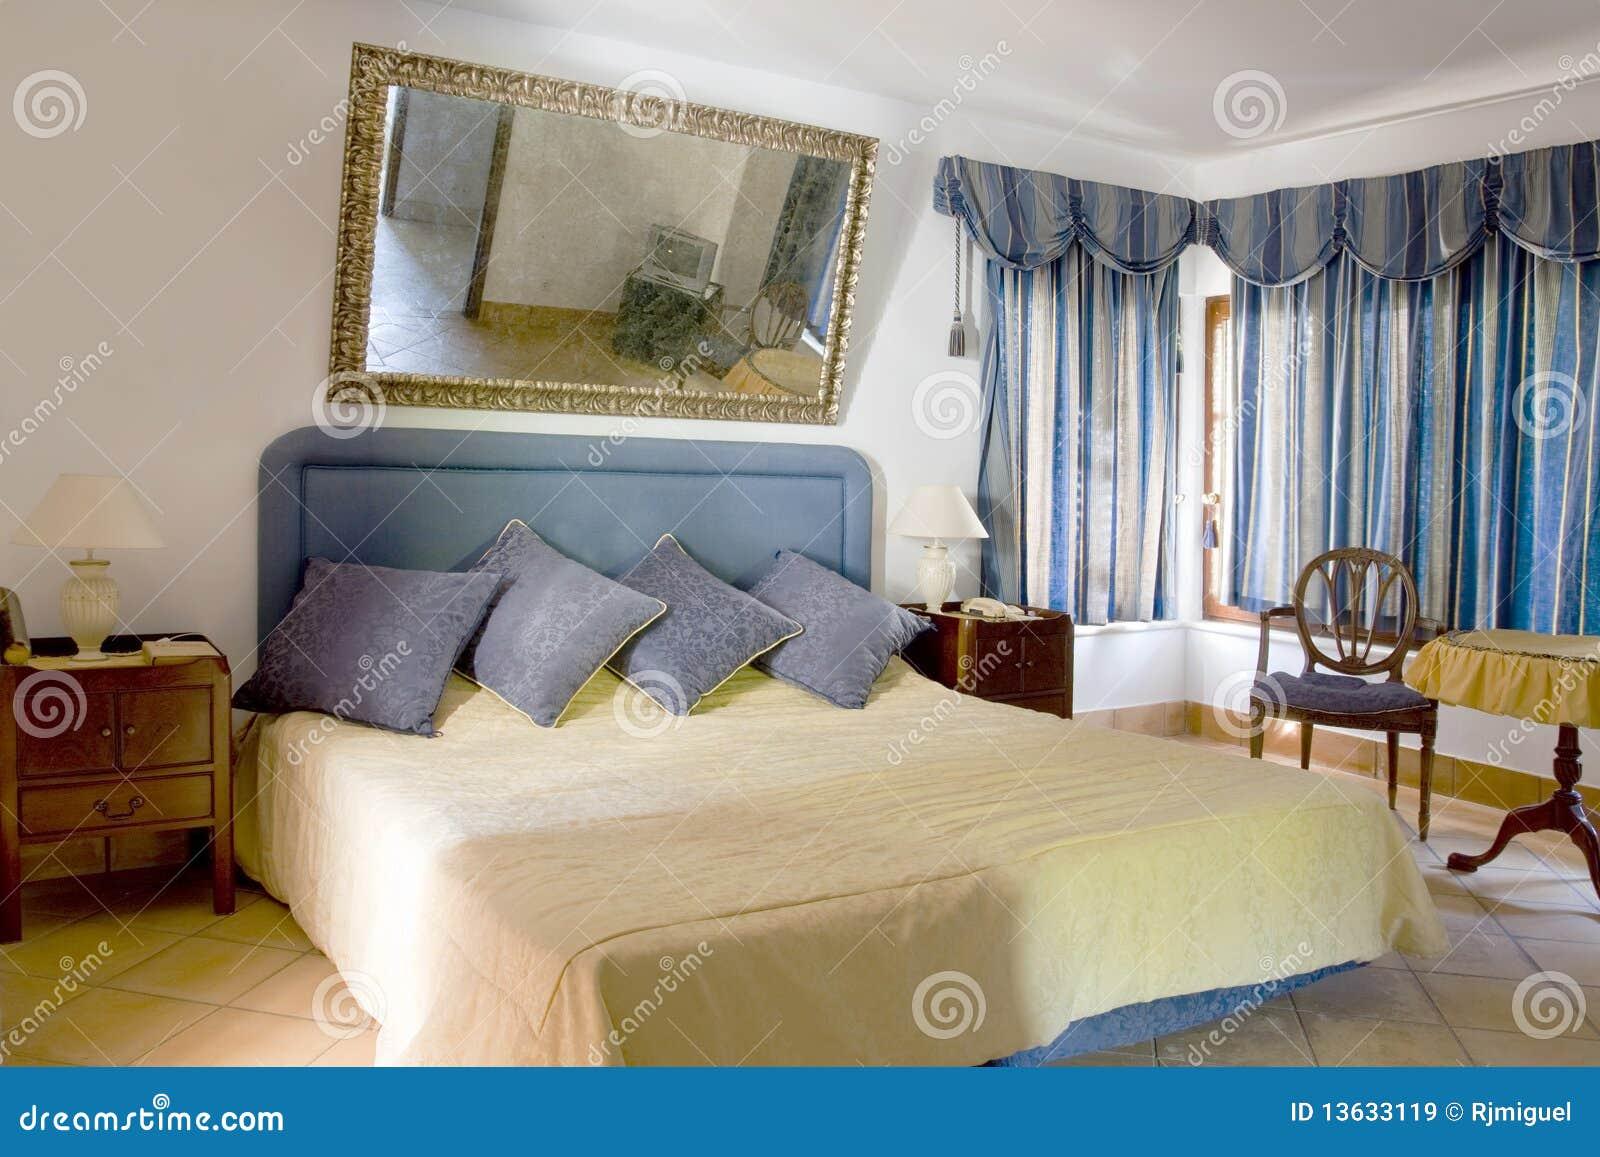 Klassieke Slaapkamer Royalty-vrije Stock Afbeeldingen - Afbeelding ...